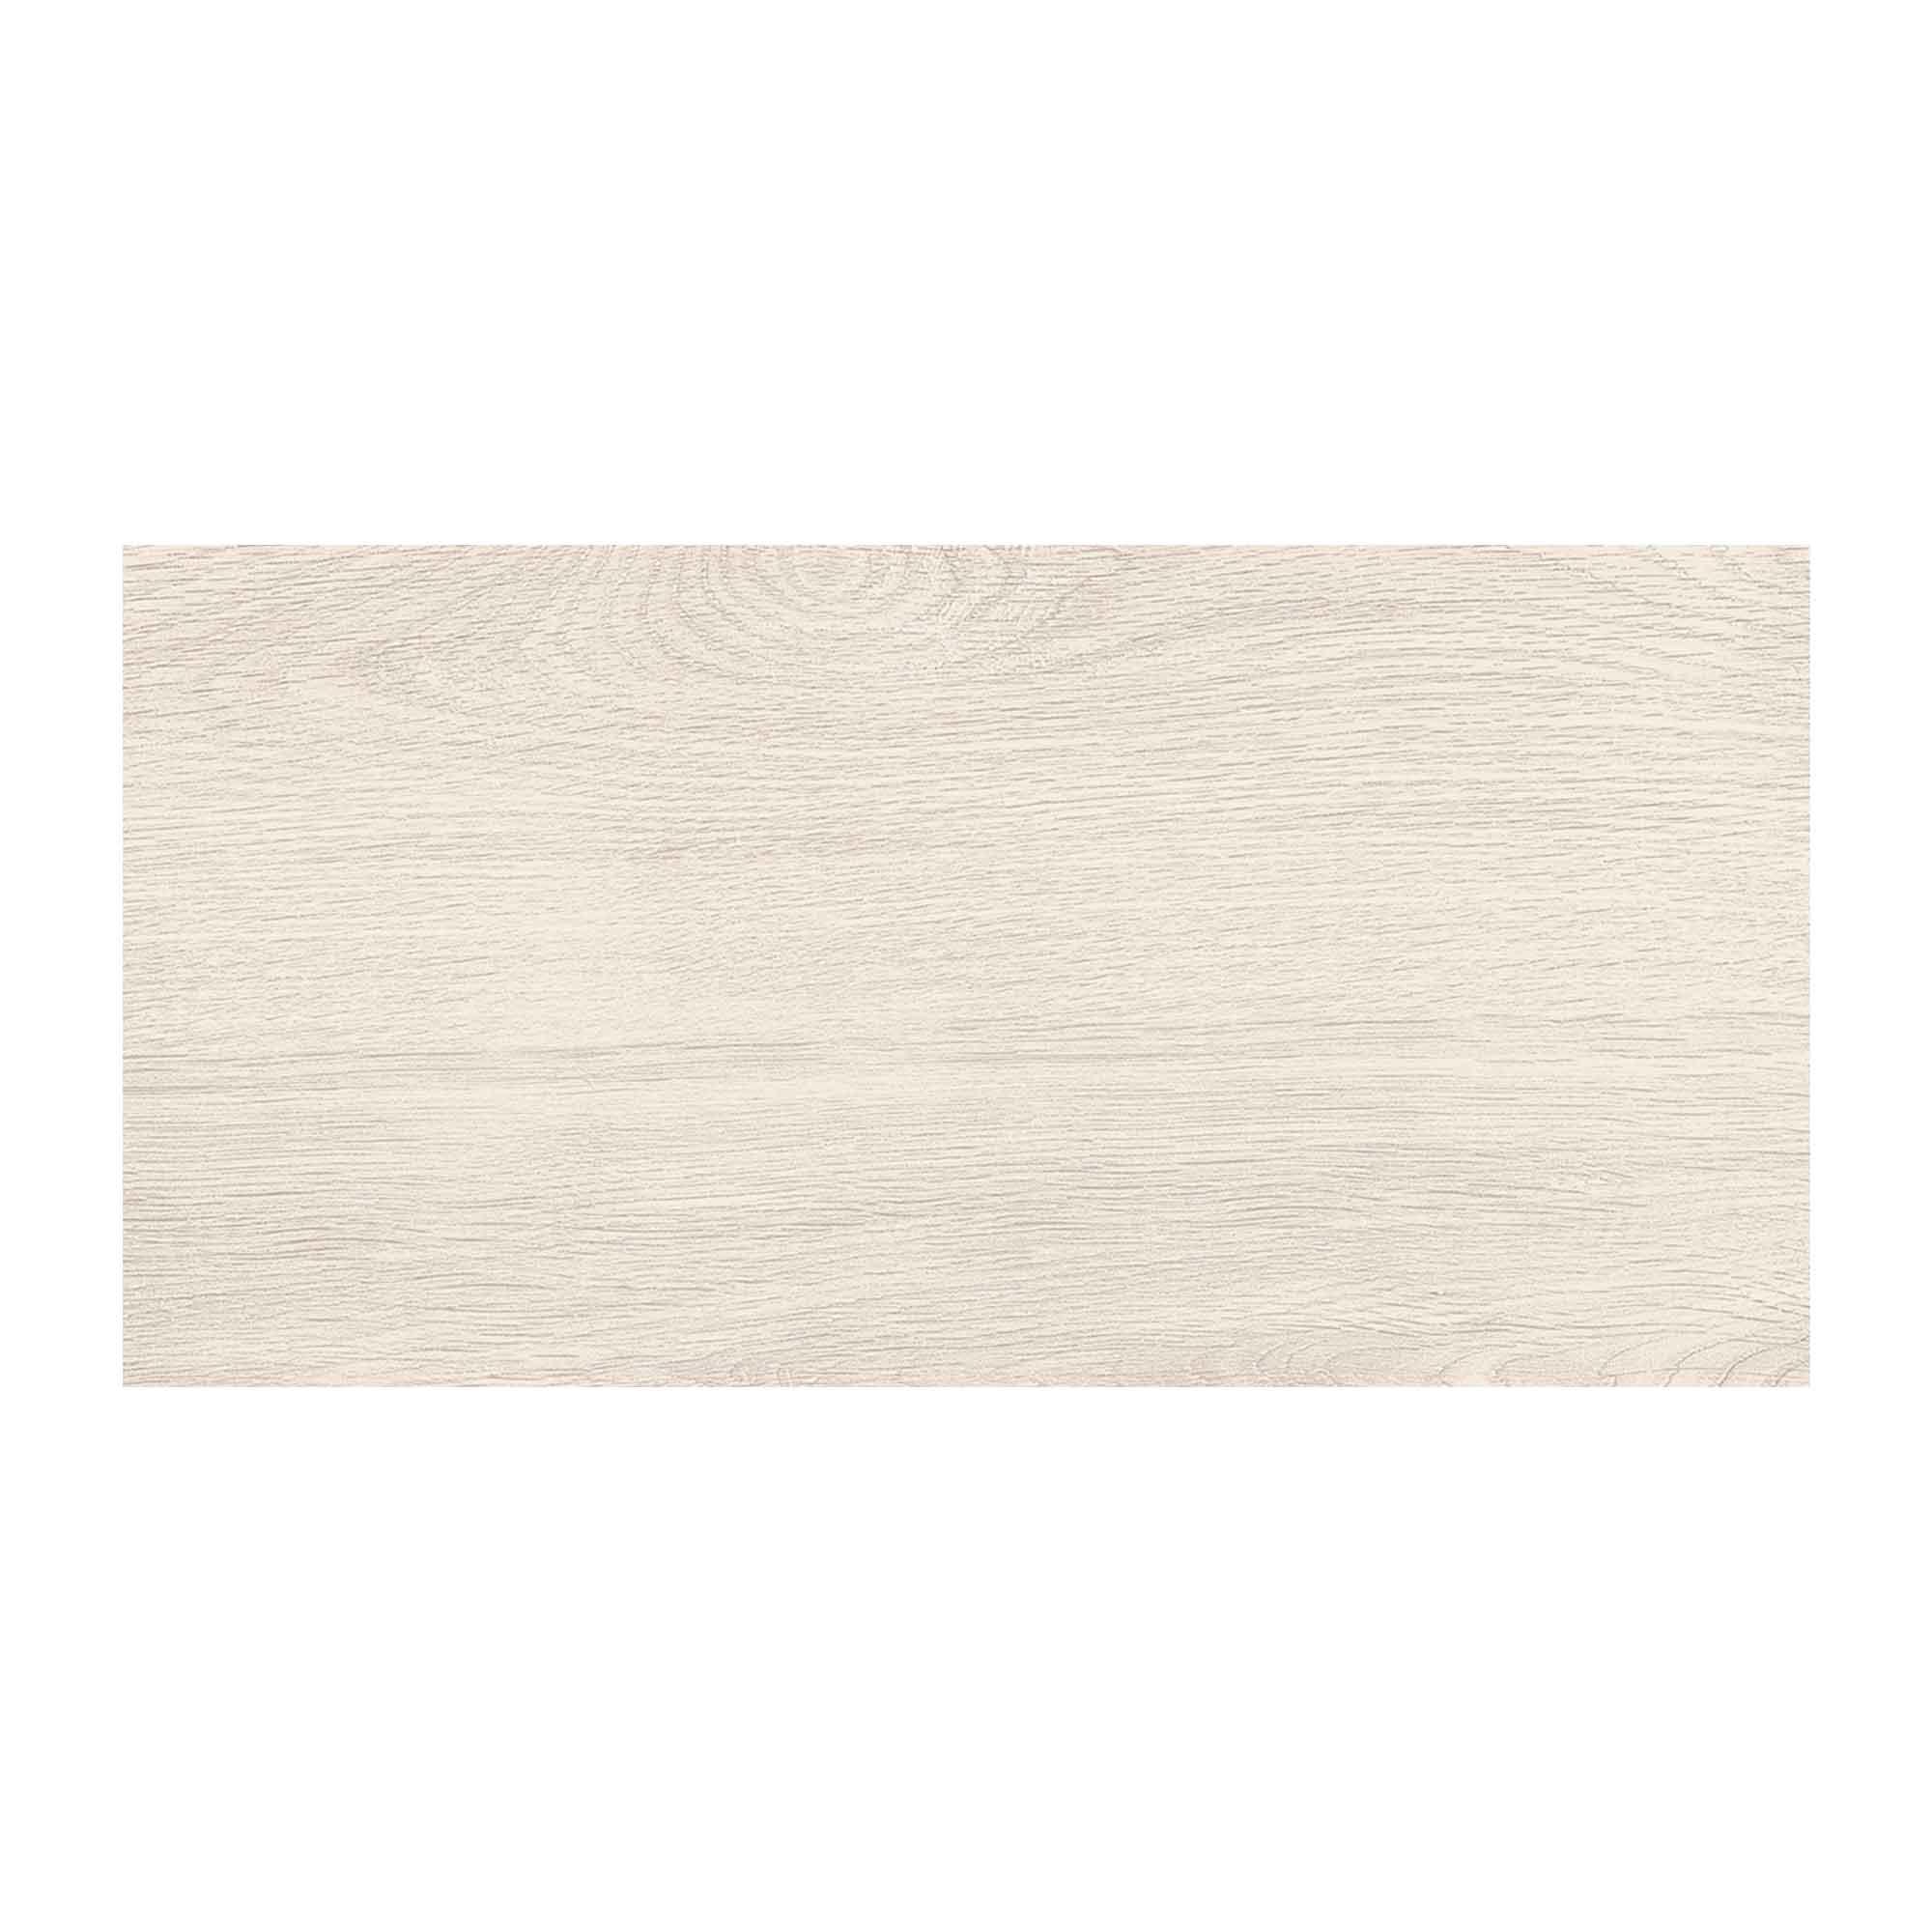 Gresie portelanata Cesarom Canada PEI 5 alb structurat mat, dreptunghiulara, 30 x 60 cm